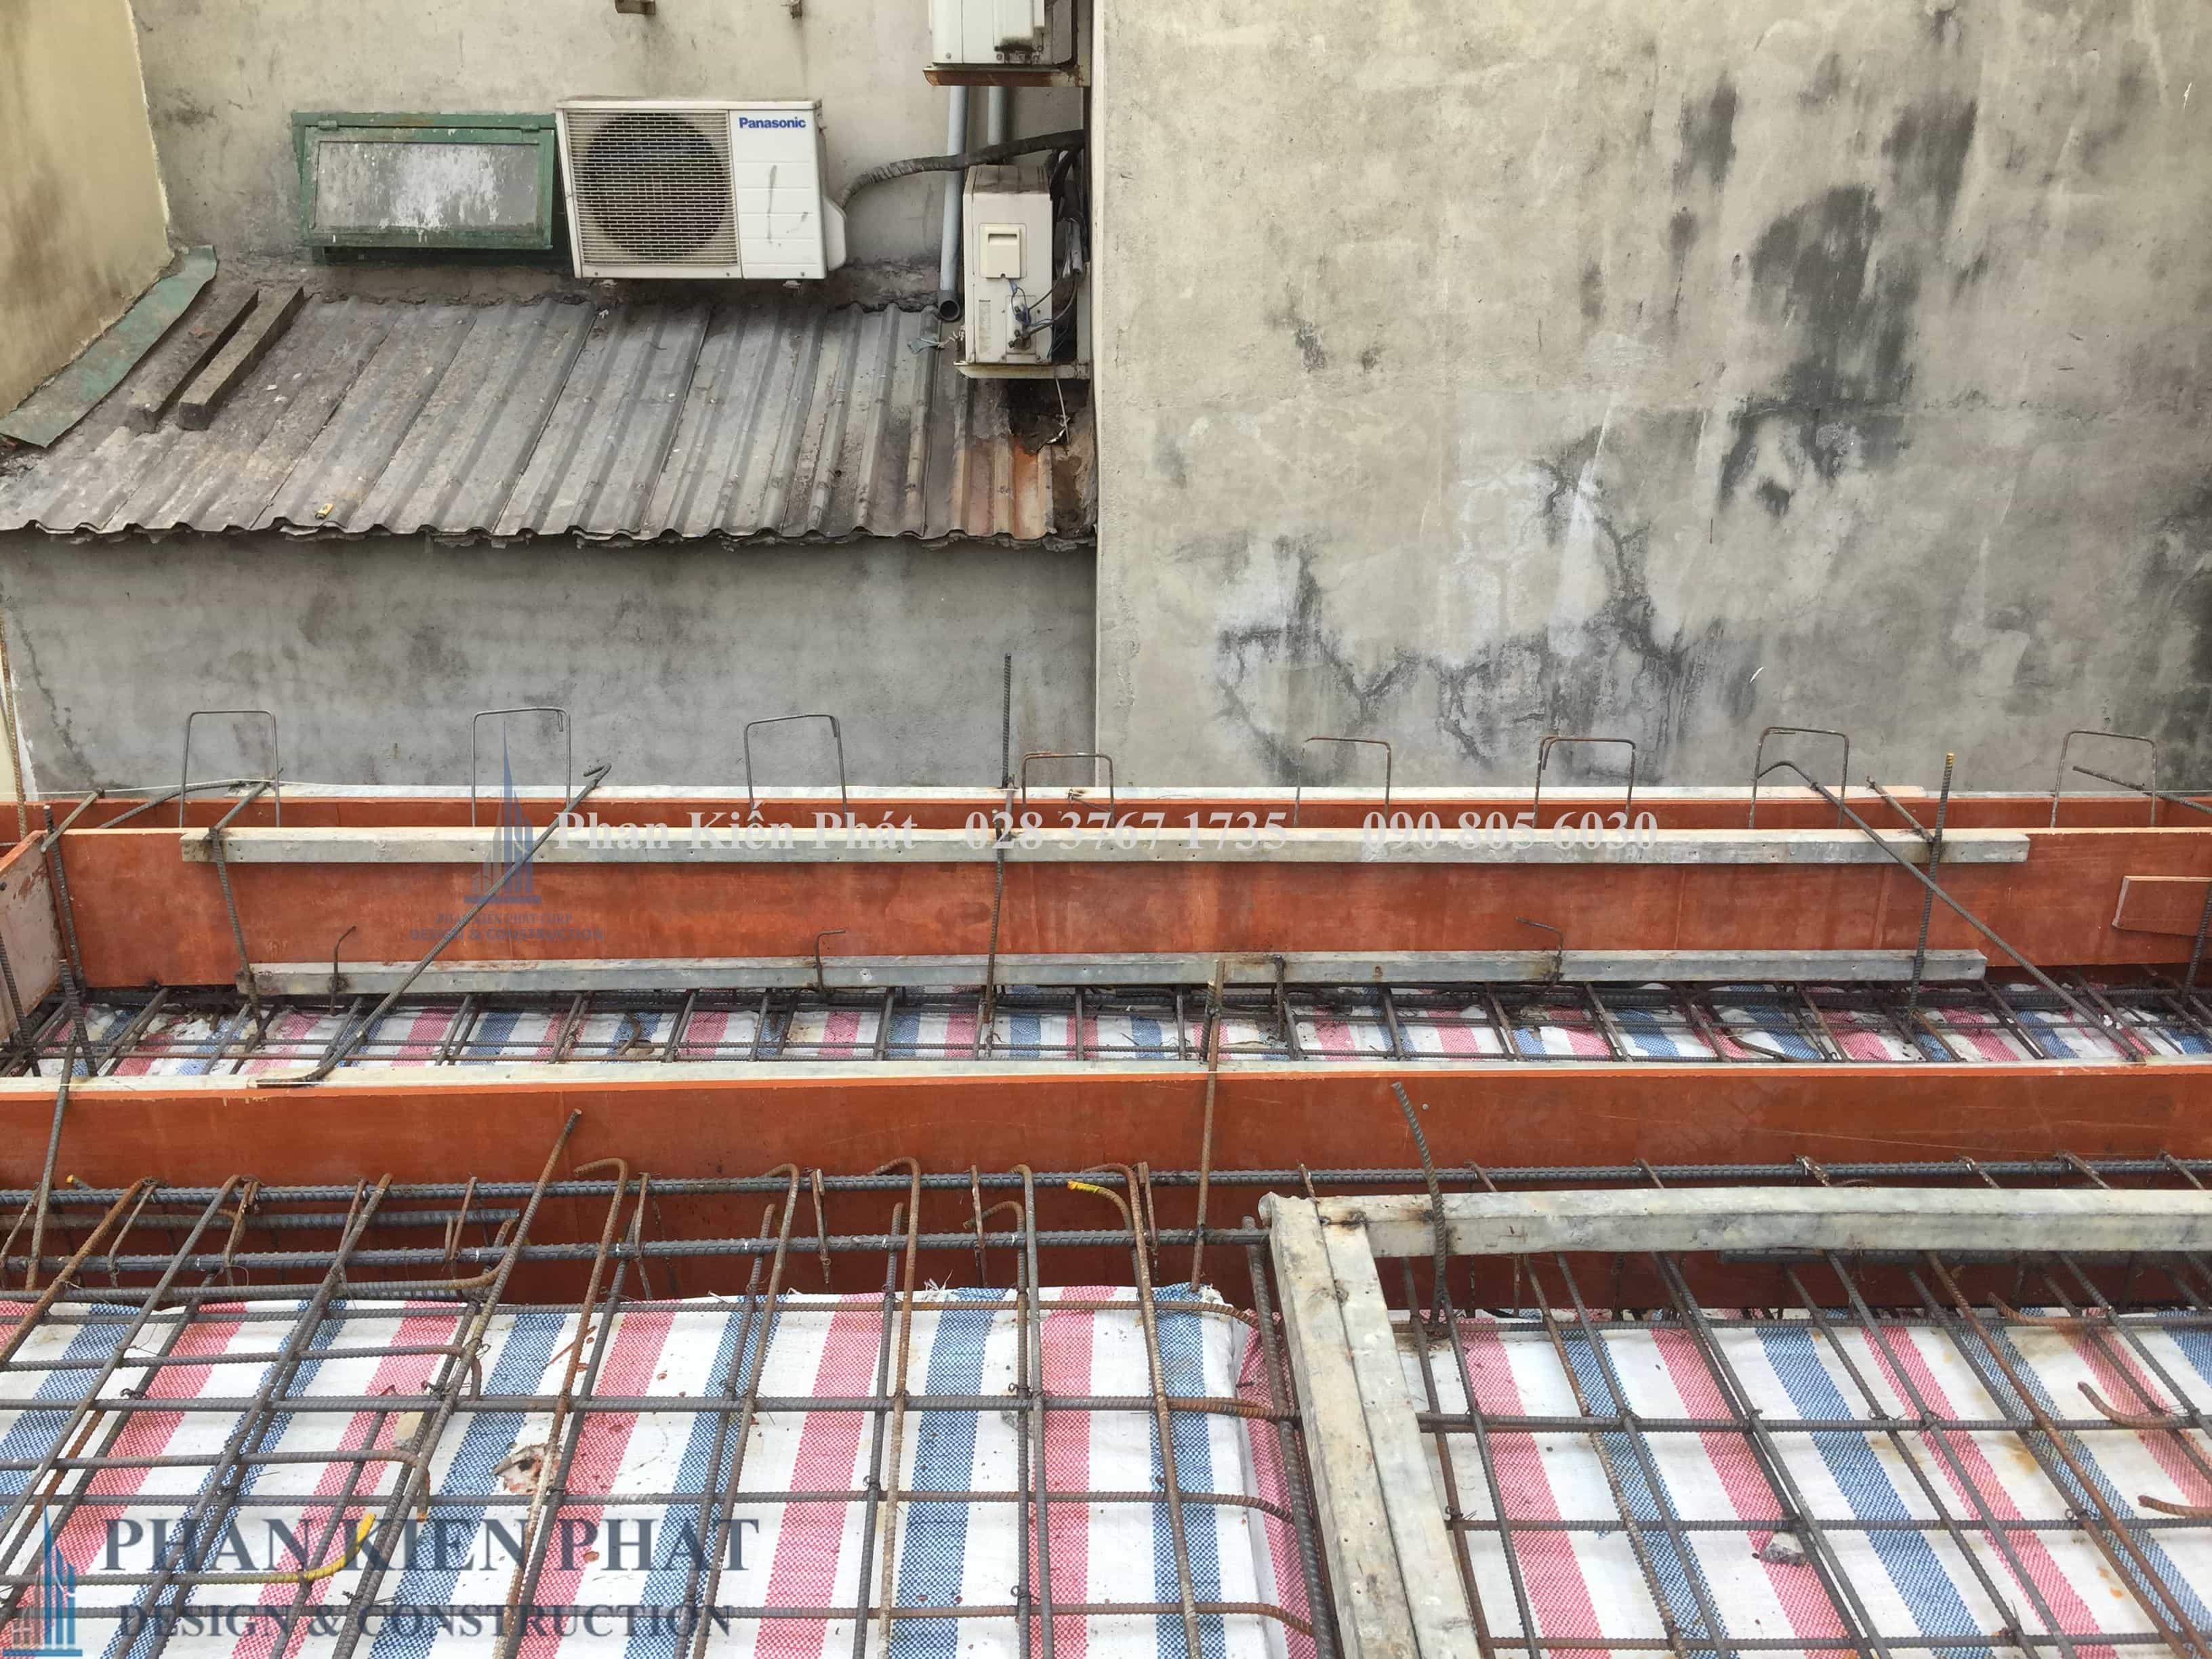 Gia Cong Lap Dat Cop Pha Cot Thep Dam San Ban Cong Lau 1 - công trình xây dựng trọn gói